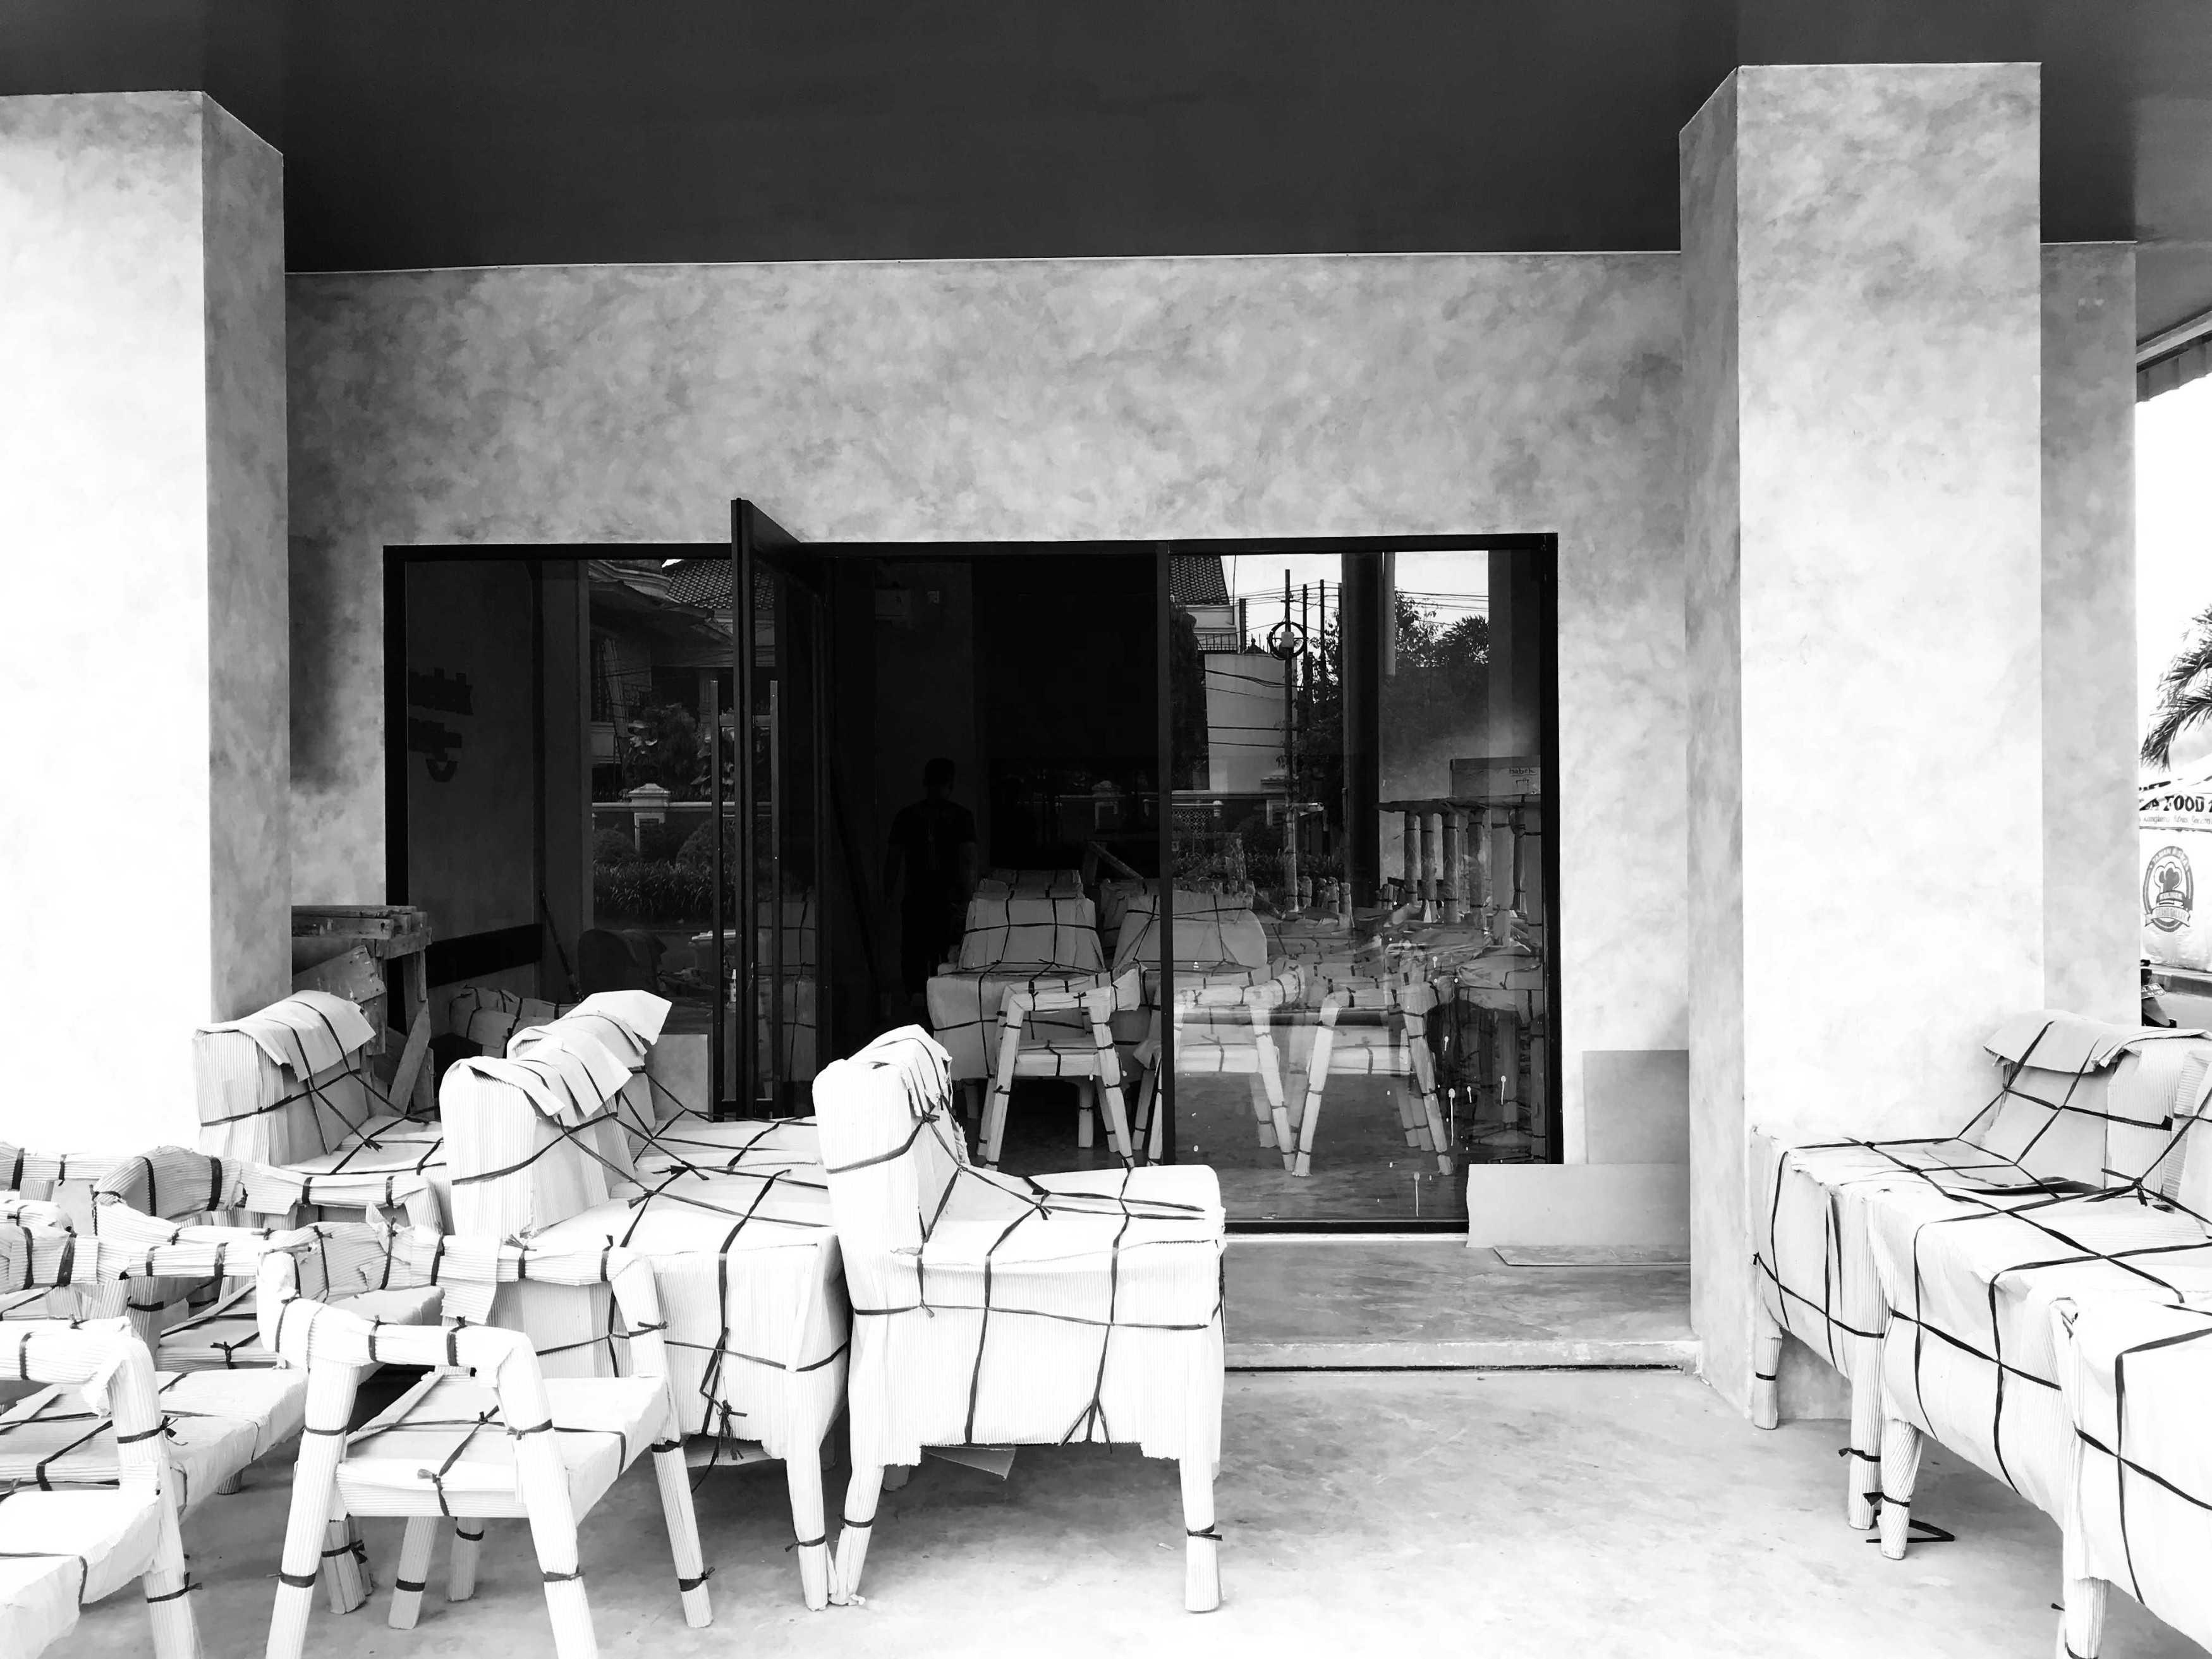 Aplusarchitect Indonesia Me. Mata Coffee Galaxy, Jl. Taman Galaxy Raya, Rt.001/rw.014, Jaka Setia, Kec. Bekasi Sel., Kota Bks, Jawa Barat 17147, Indonesia Galaxy, Jl. Taman Galaxy Raya, Rt.001/rw.014, Jaka Setia, Kec. Bekasi Sel., Kota Bks, Jawa Barat 17147, Indonesia Aplusarchitect-Indonesia-Me-Mata-Coffee   129065